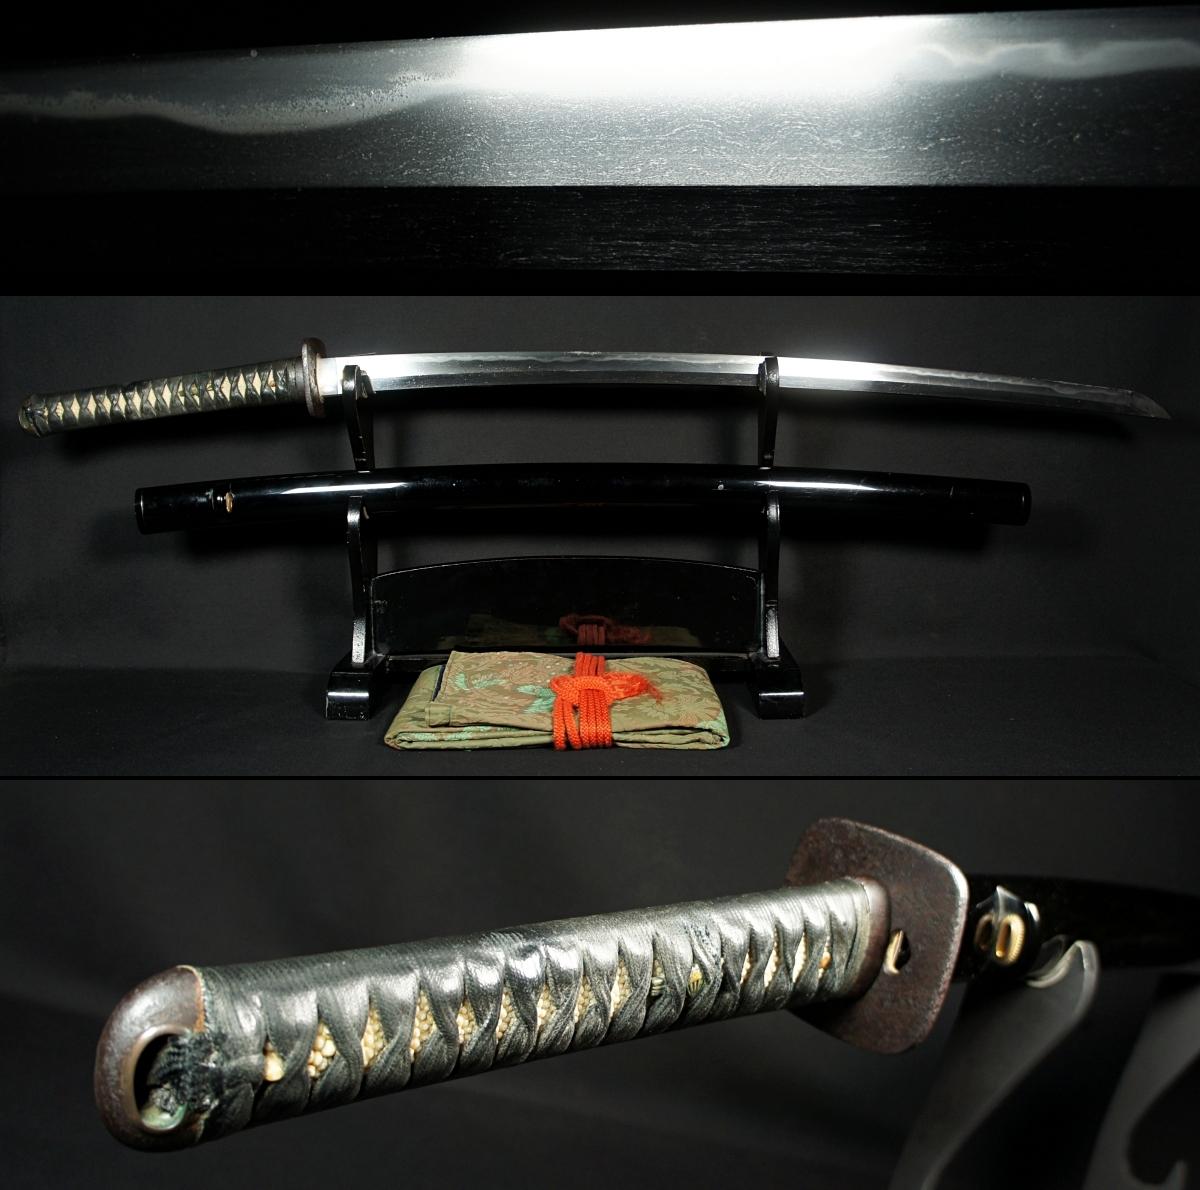 薩摩現代刀の巨匠【薩州住源盛篤(花押)】約2尺5寸 重量1kg超の幅広豪壮刀 芋蔓走る薩摩相州伝の優品 時代肥後拵 国広在銘肉厚鉄鍔